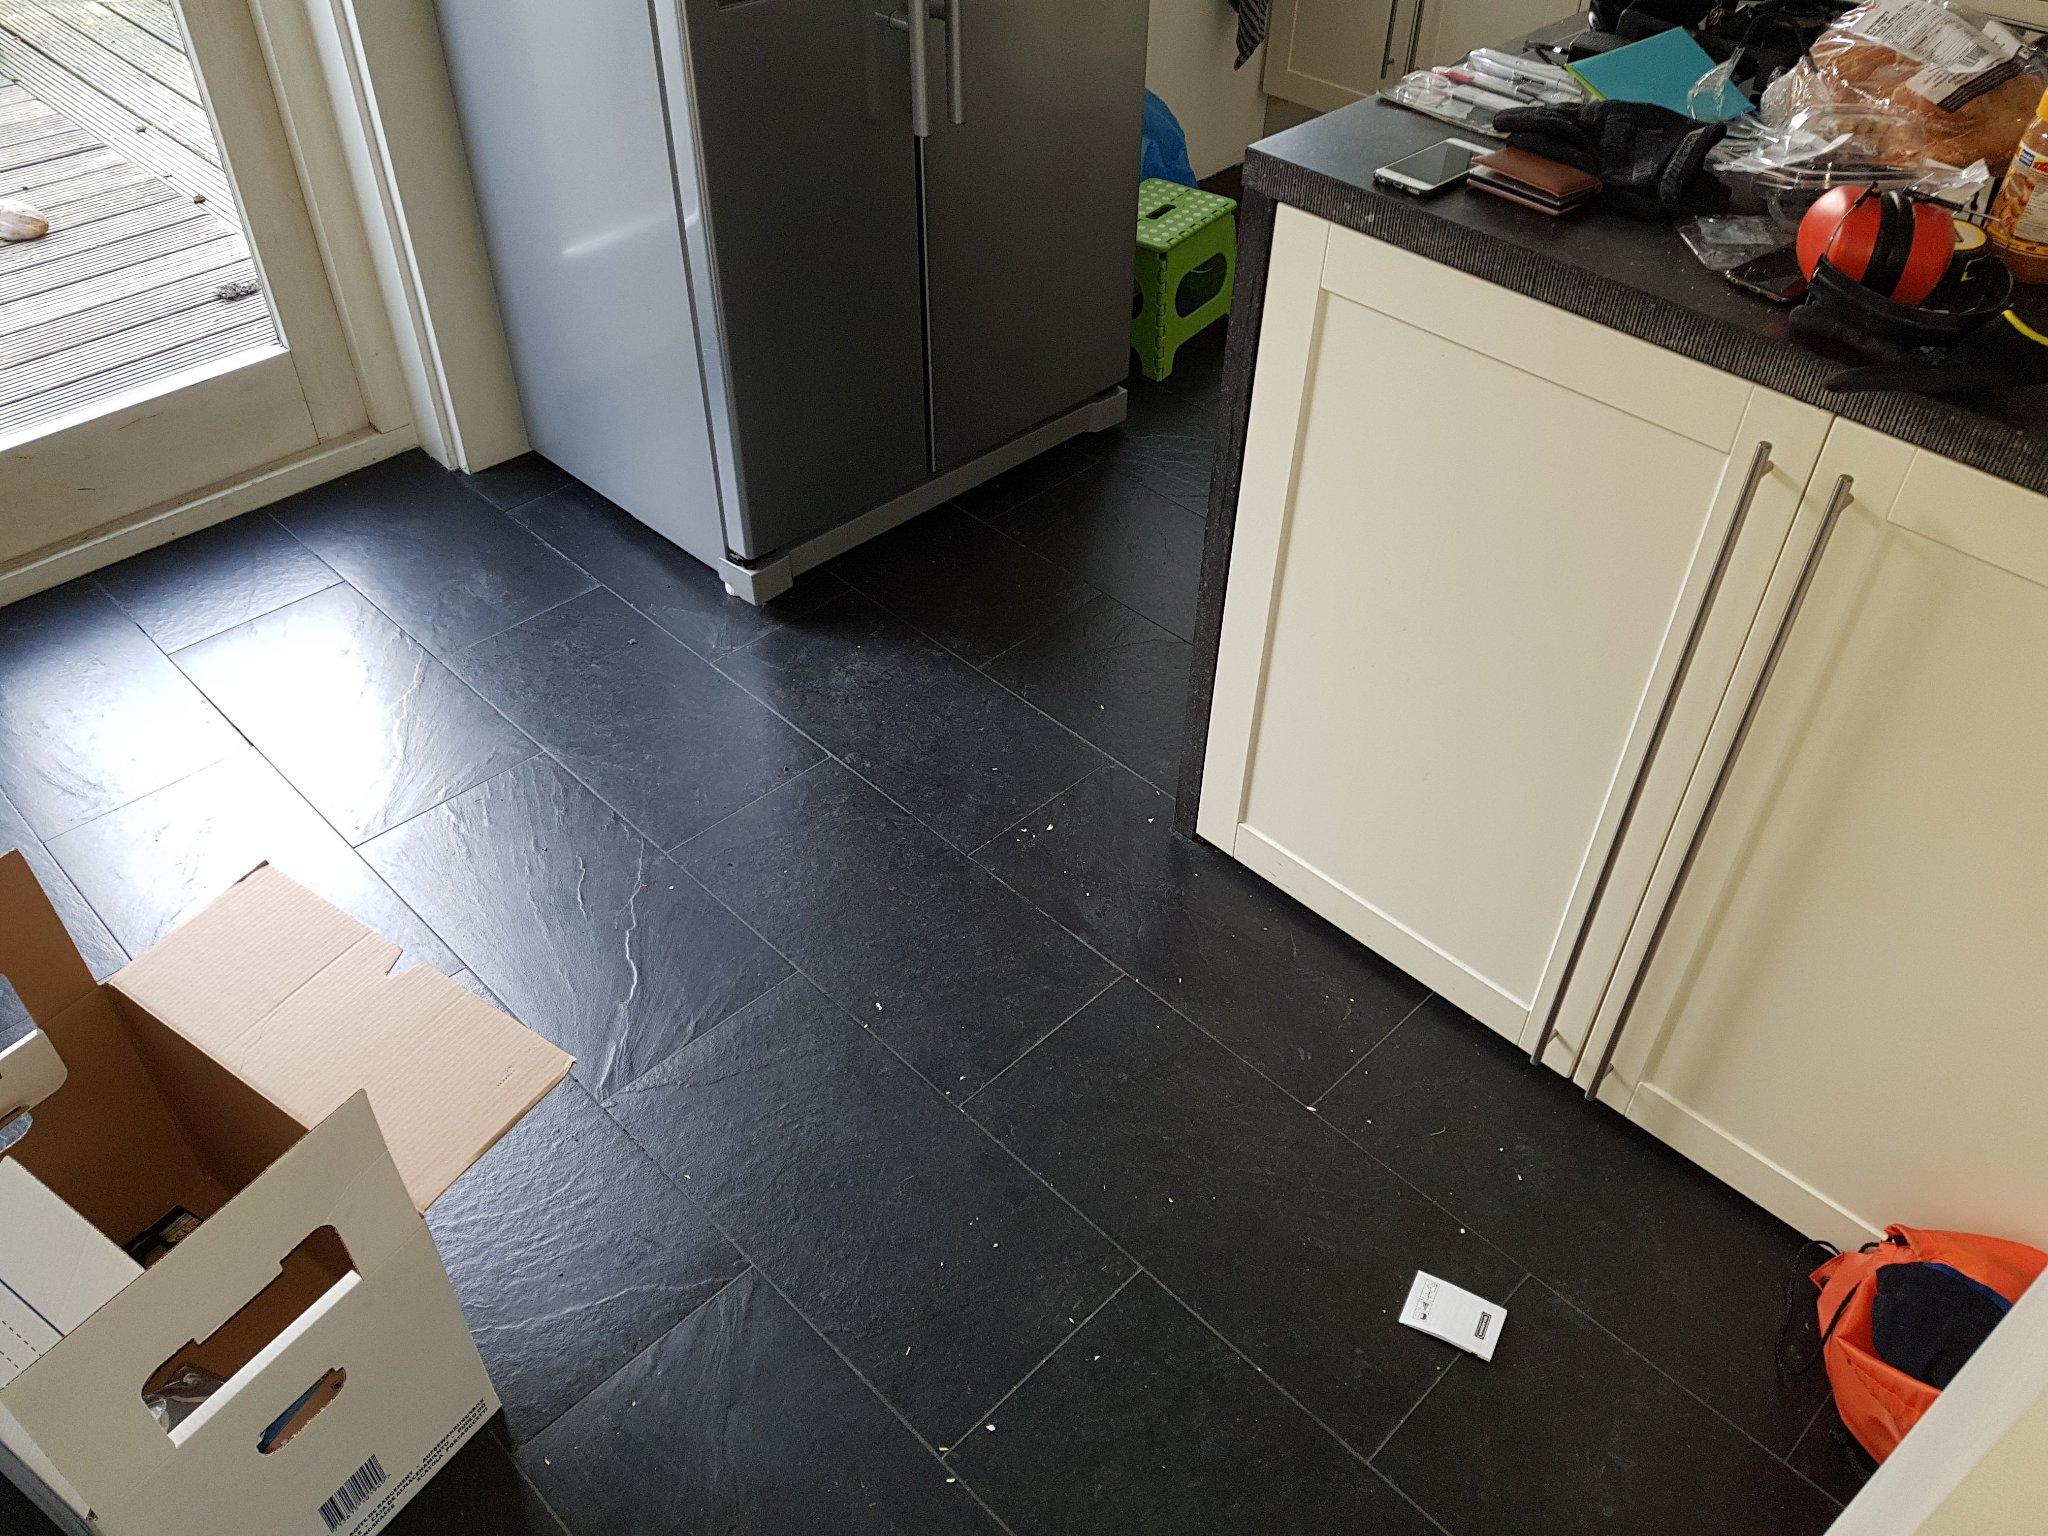 Plak Pvc Tegels : Vloer repareren zodat het geegalizeerd kan worden voor plak pvc